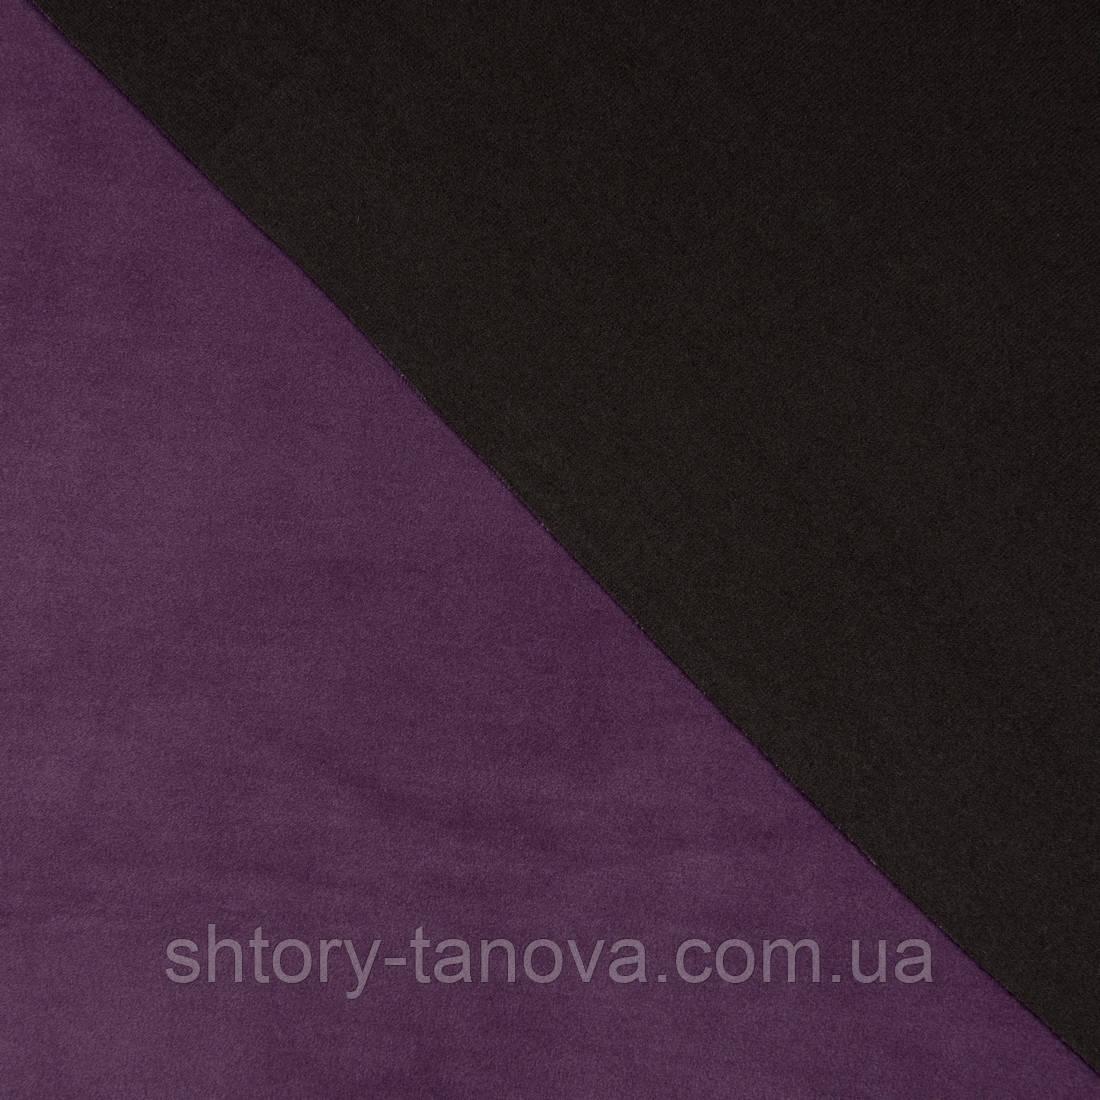 Декоративная ткань велюта фиолет